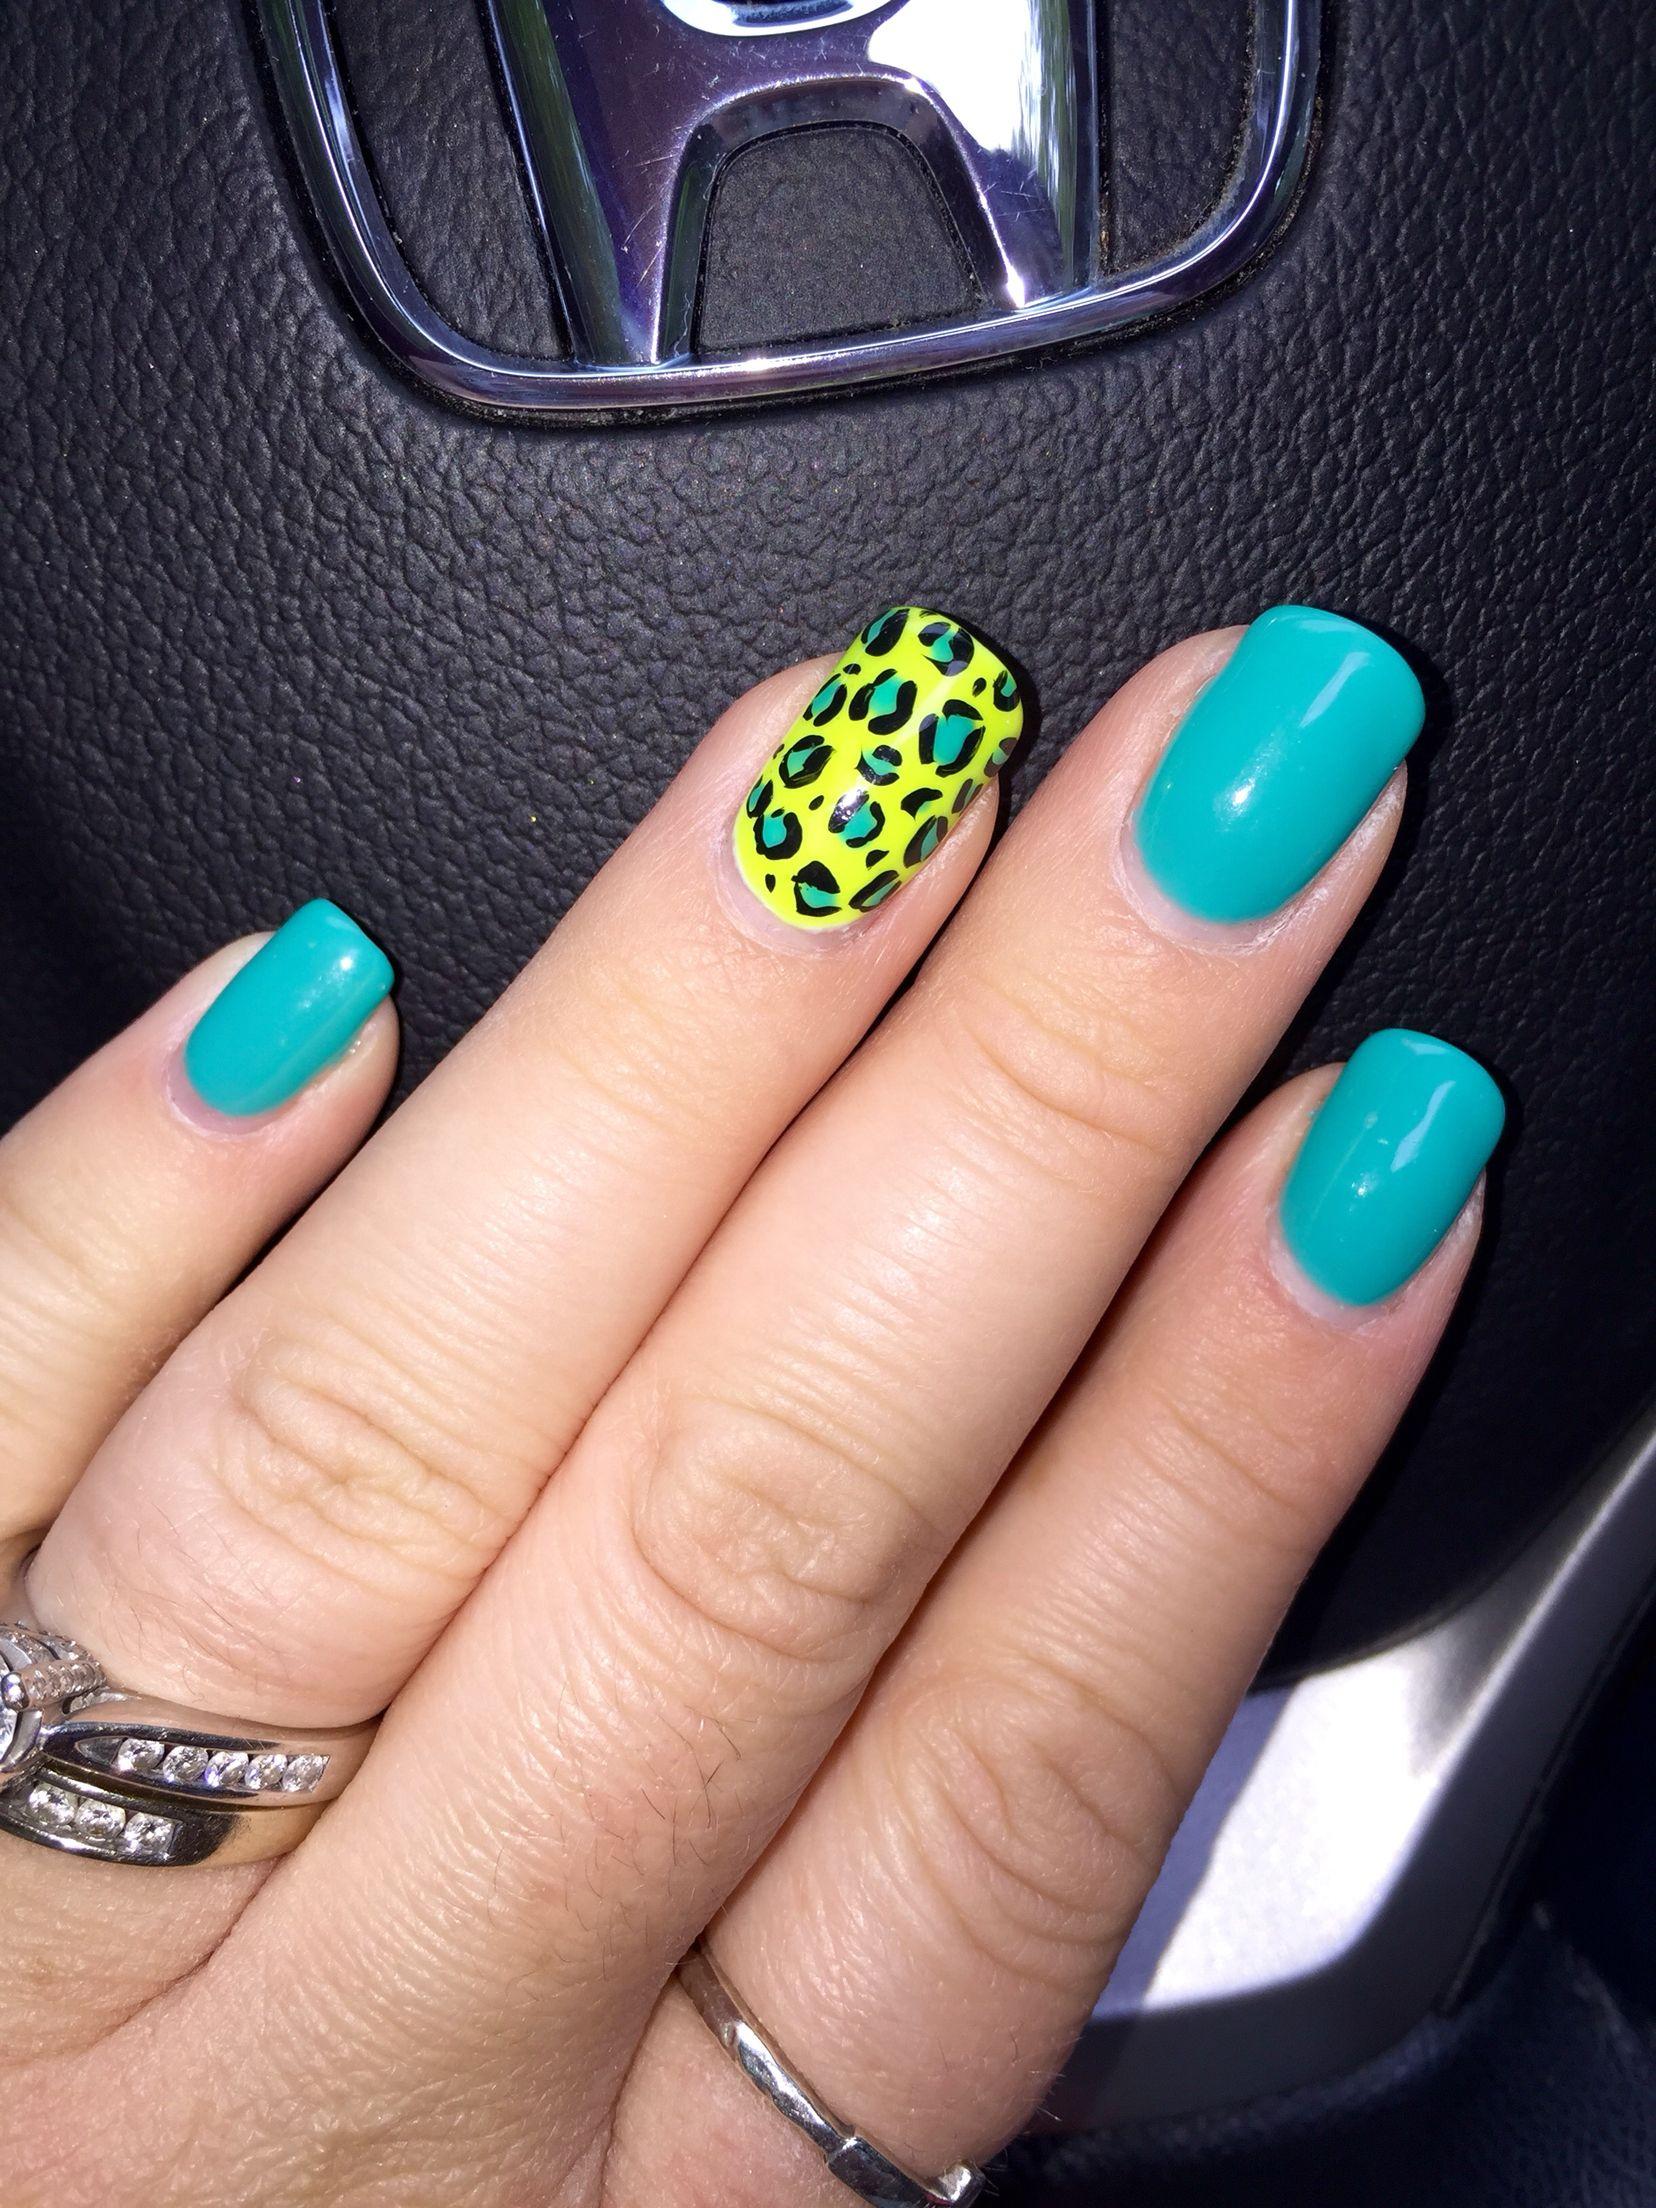 Cheetah nails, leopard nails art, turquoise nails, neon yellow nail ...